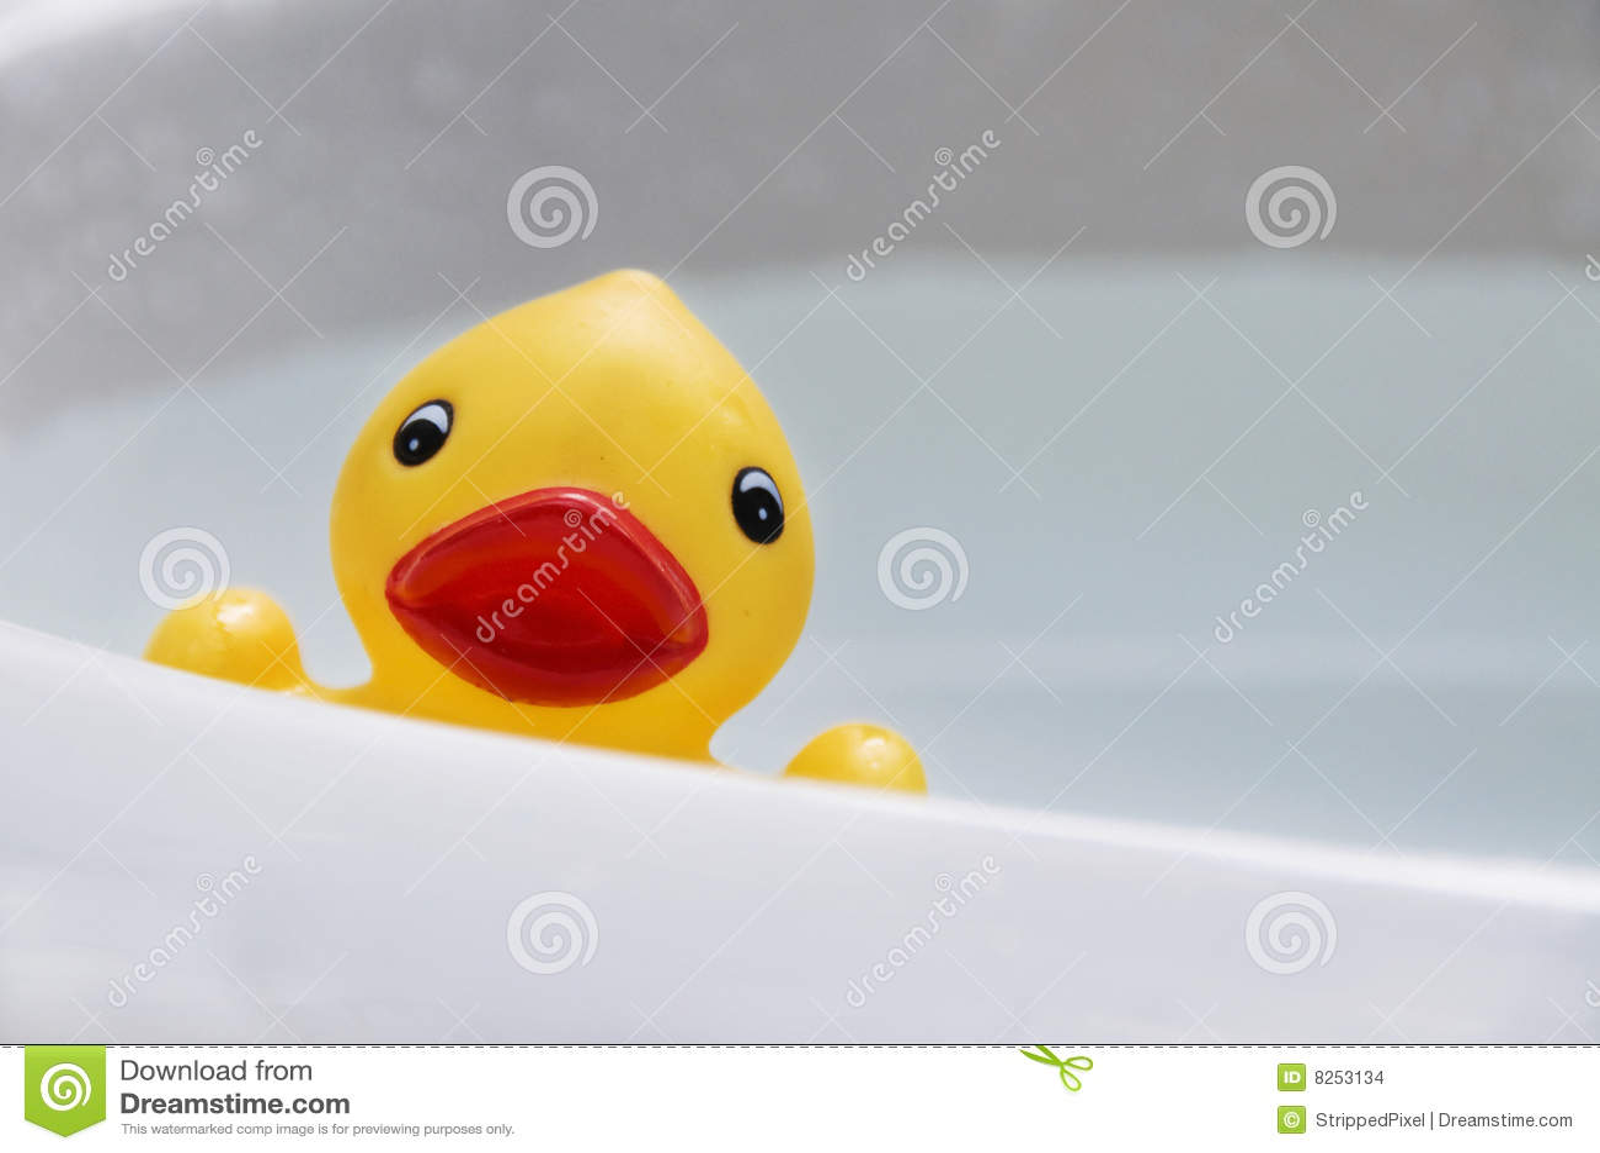 Rubber Duck in Sink